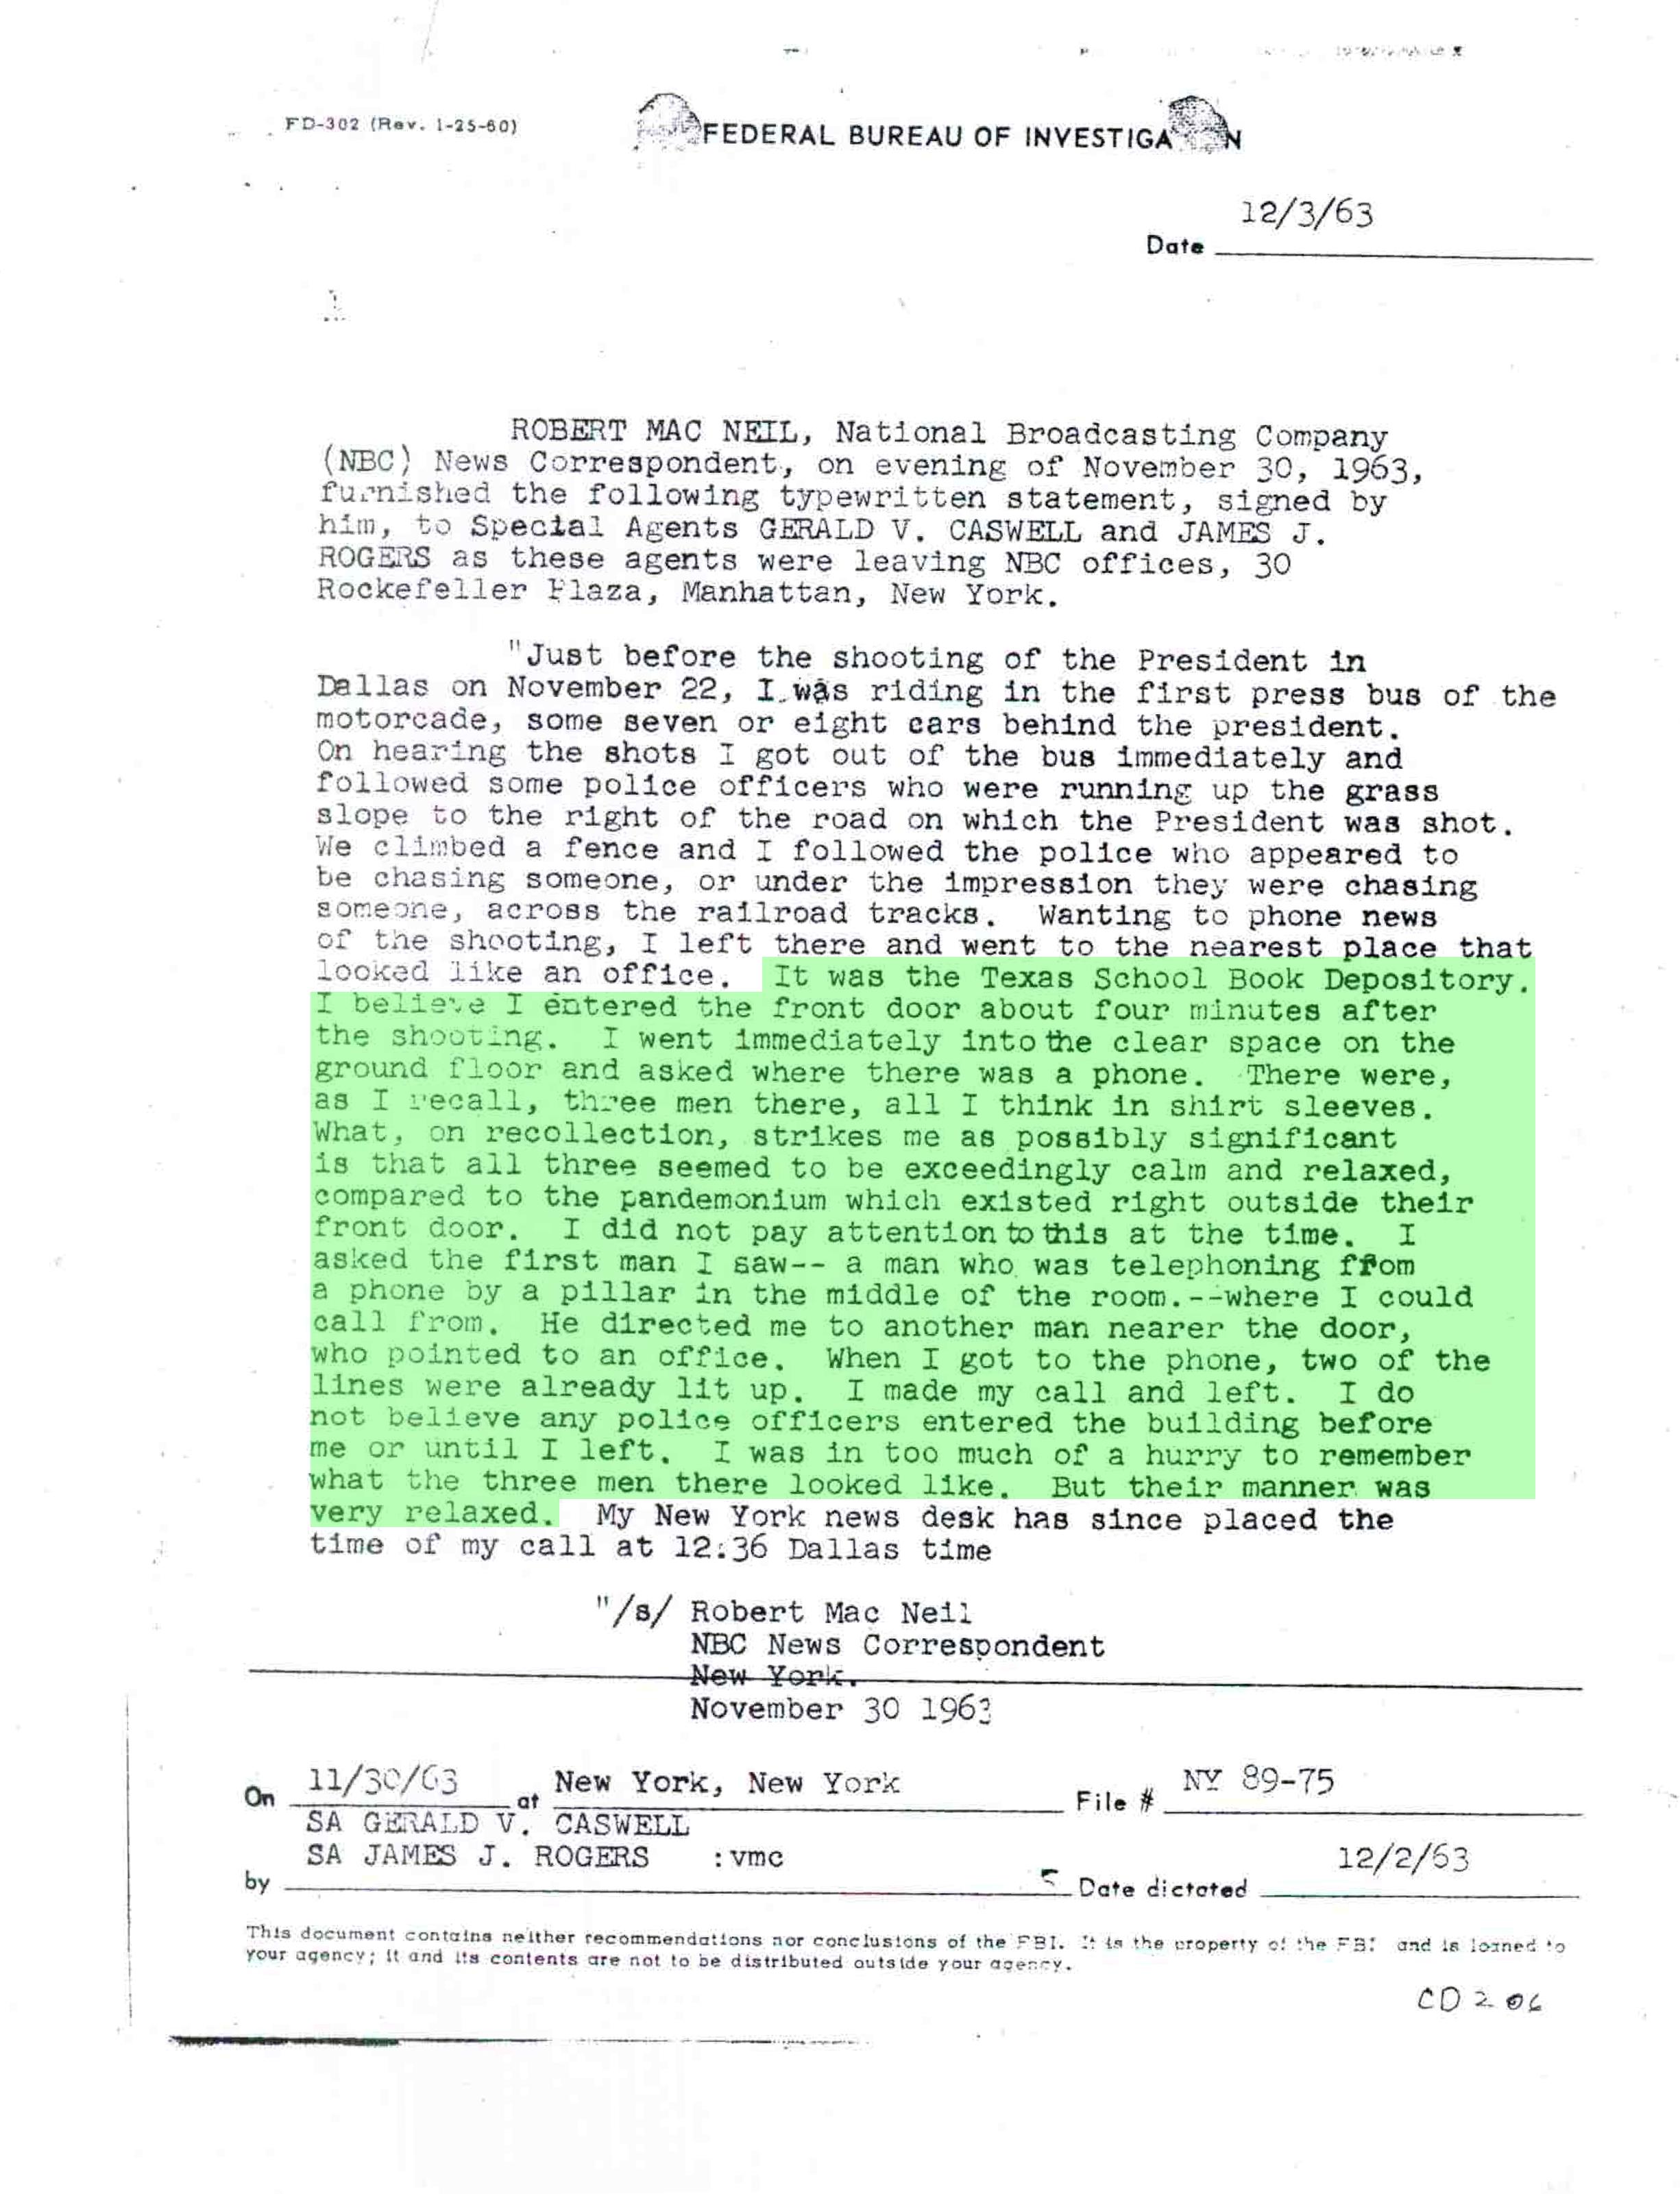 dec-3-1963-robertmacneil-affidavit-1.jpg